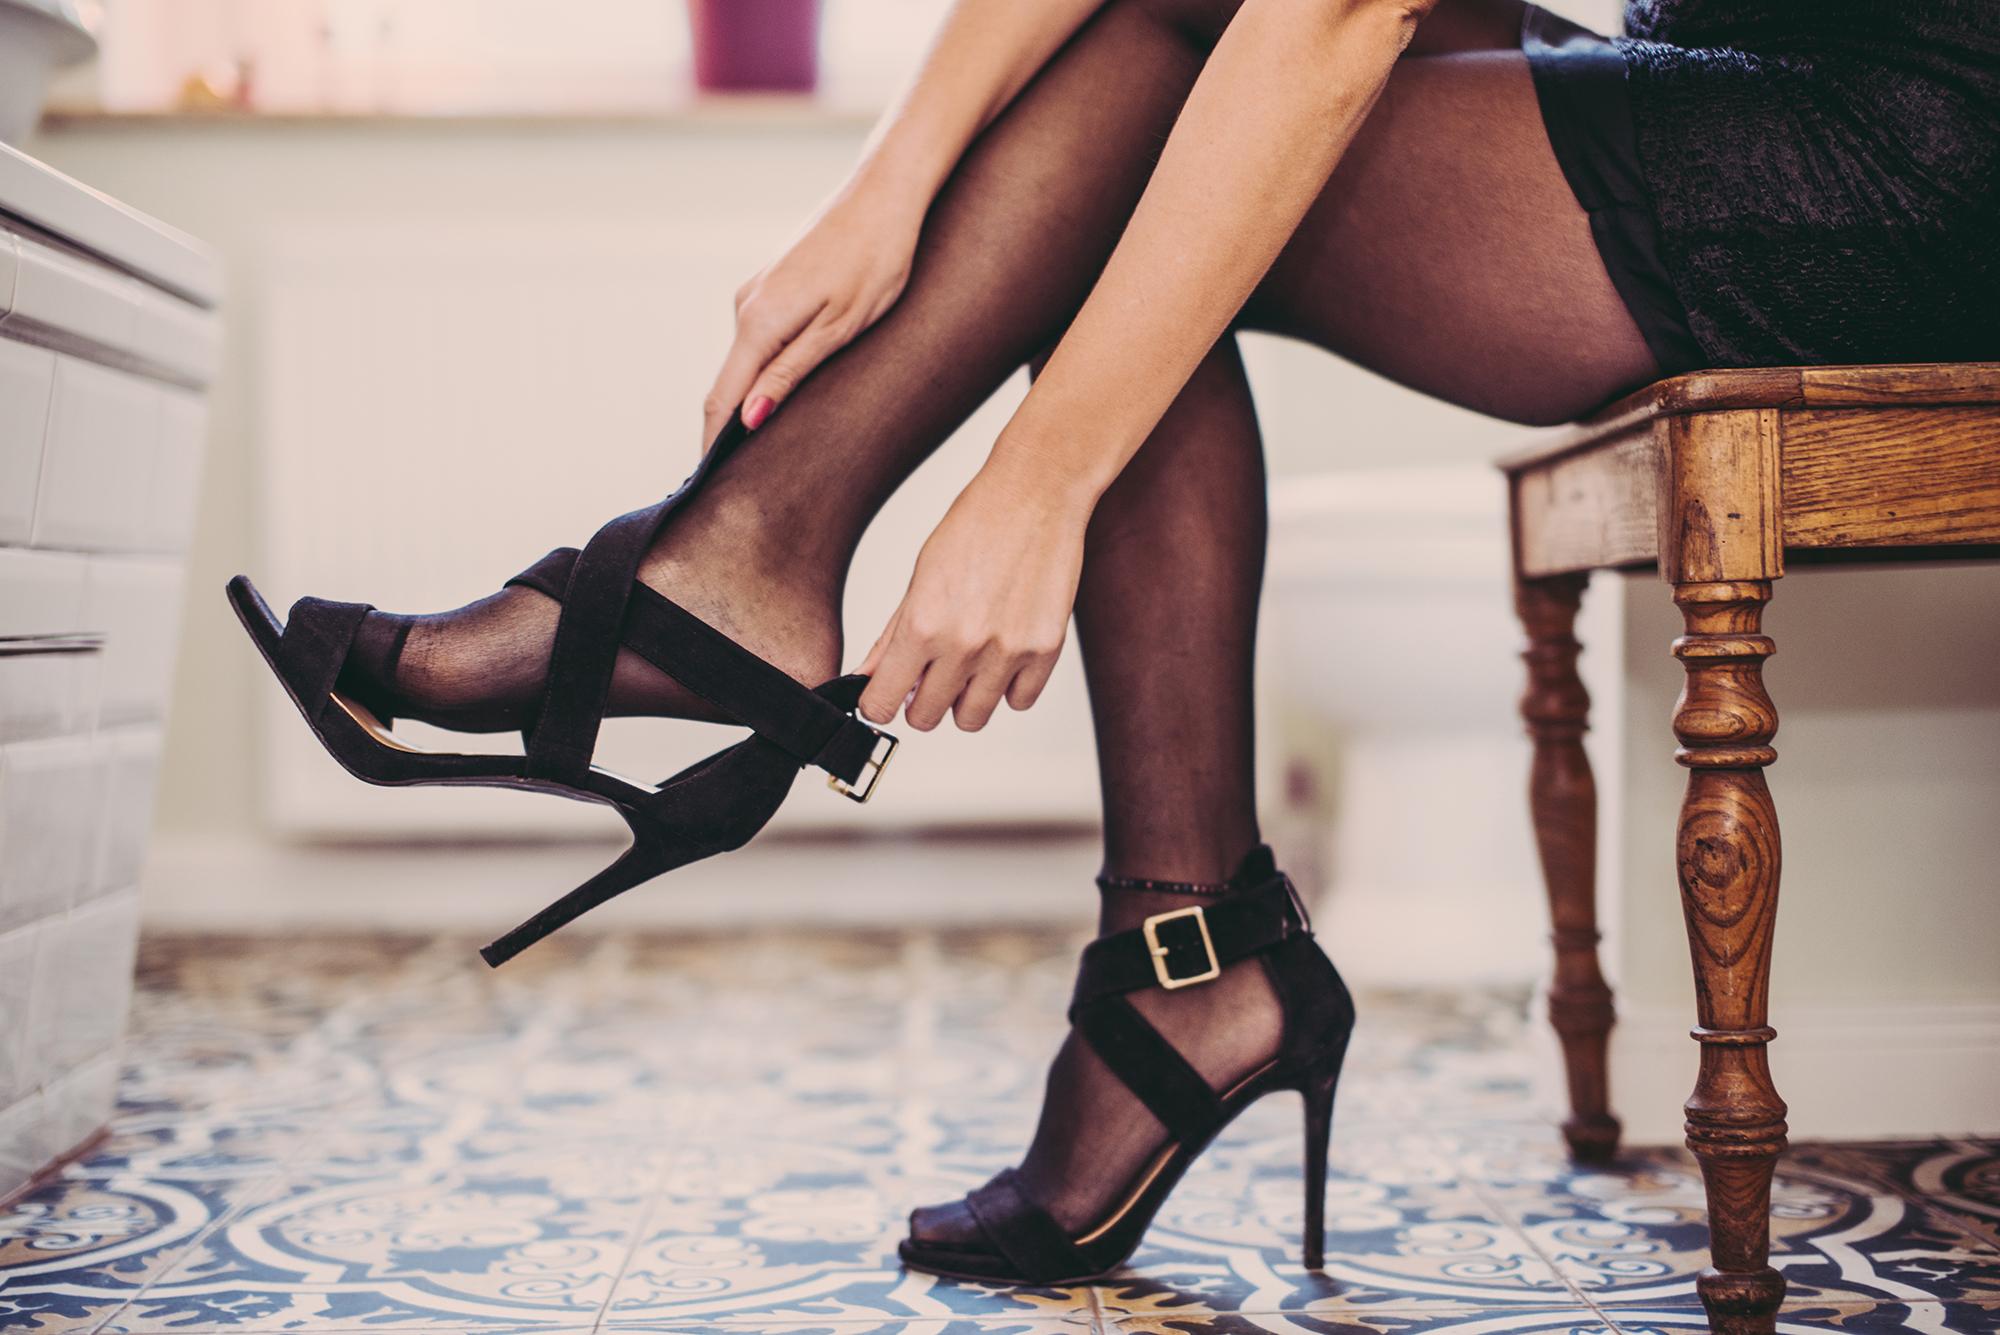 89eadf81eee88 5 Comfortable Heels According to Reviewers Who Hate Wearing Heels